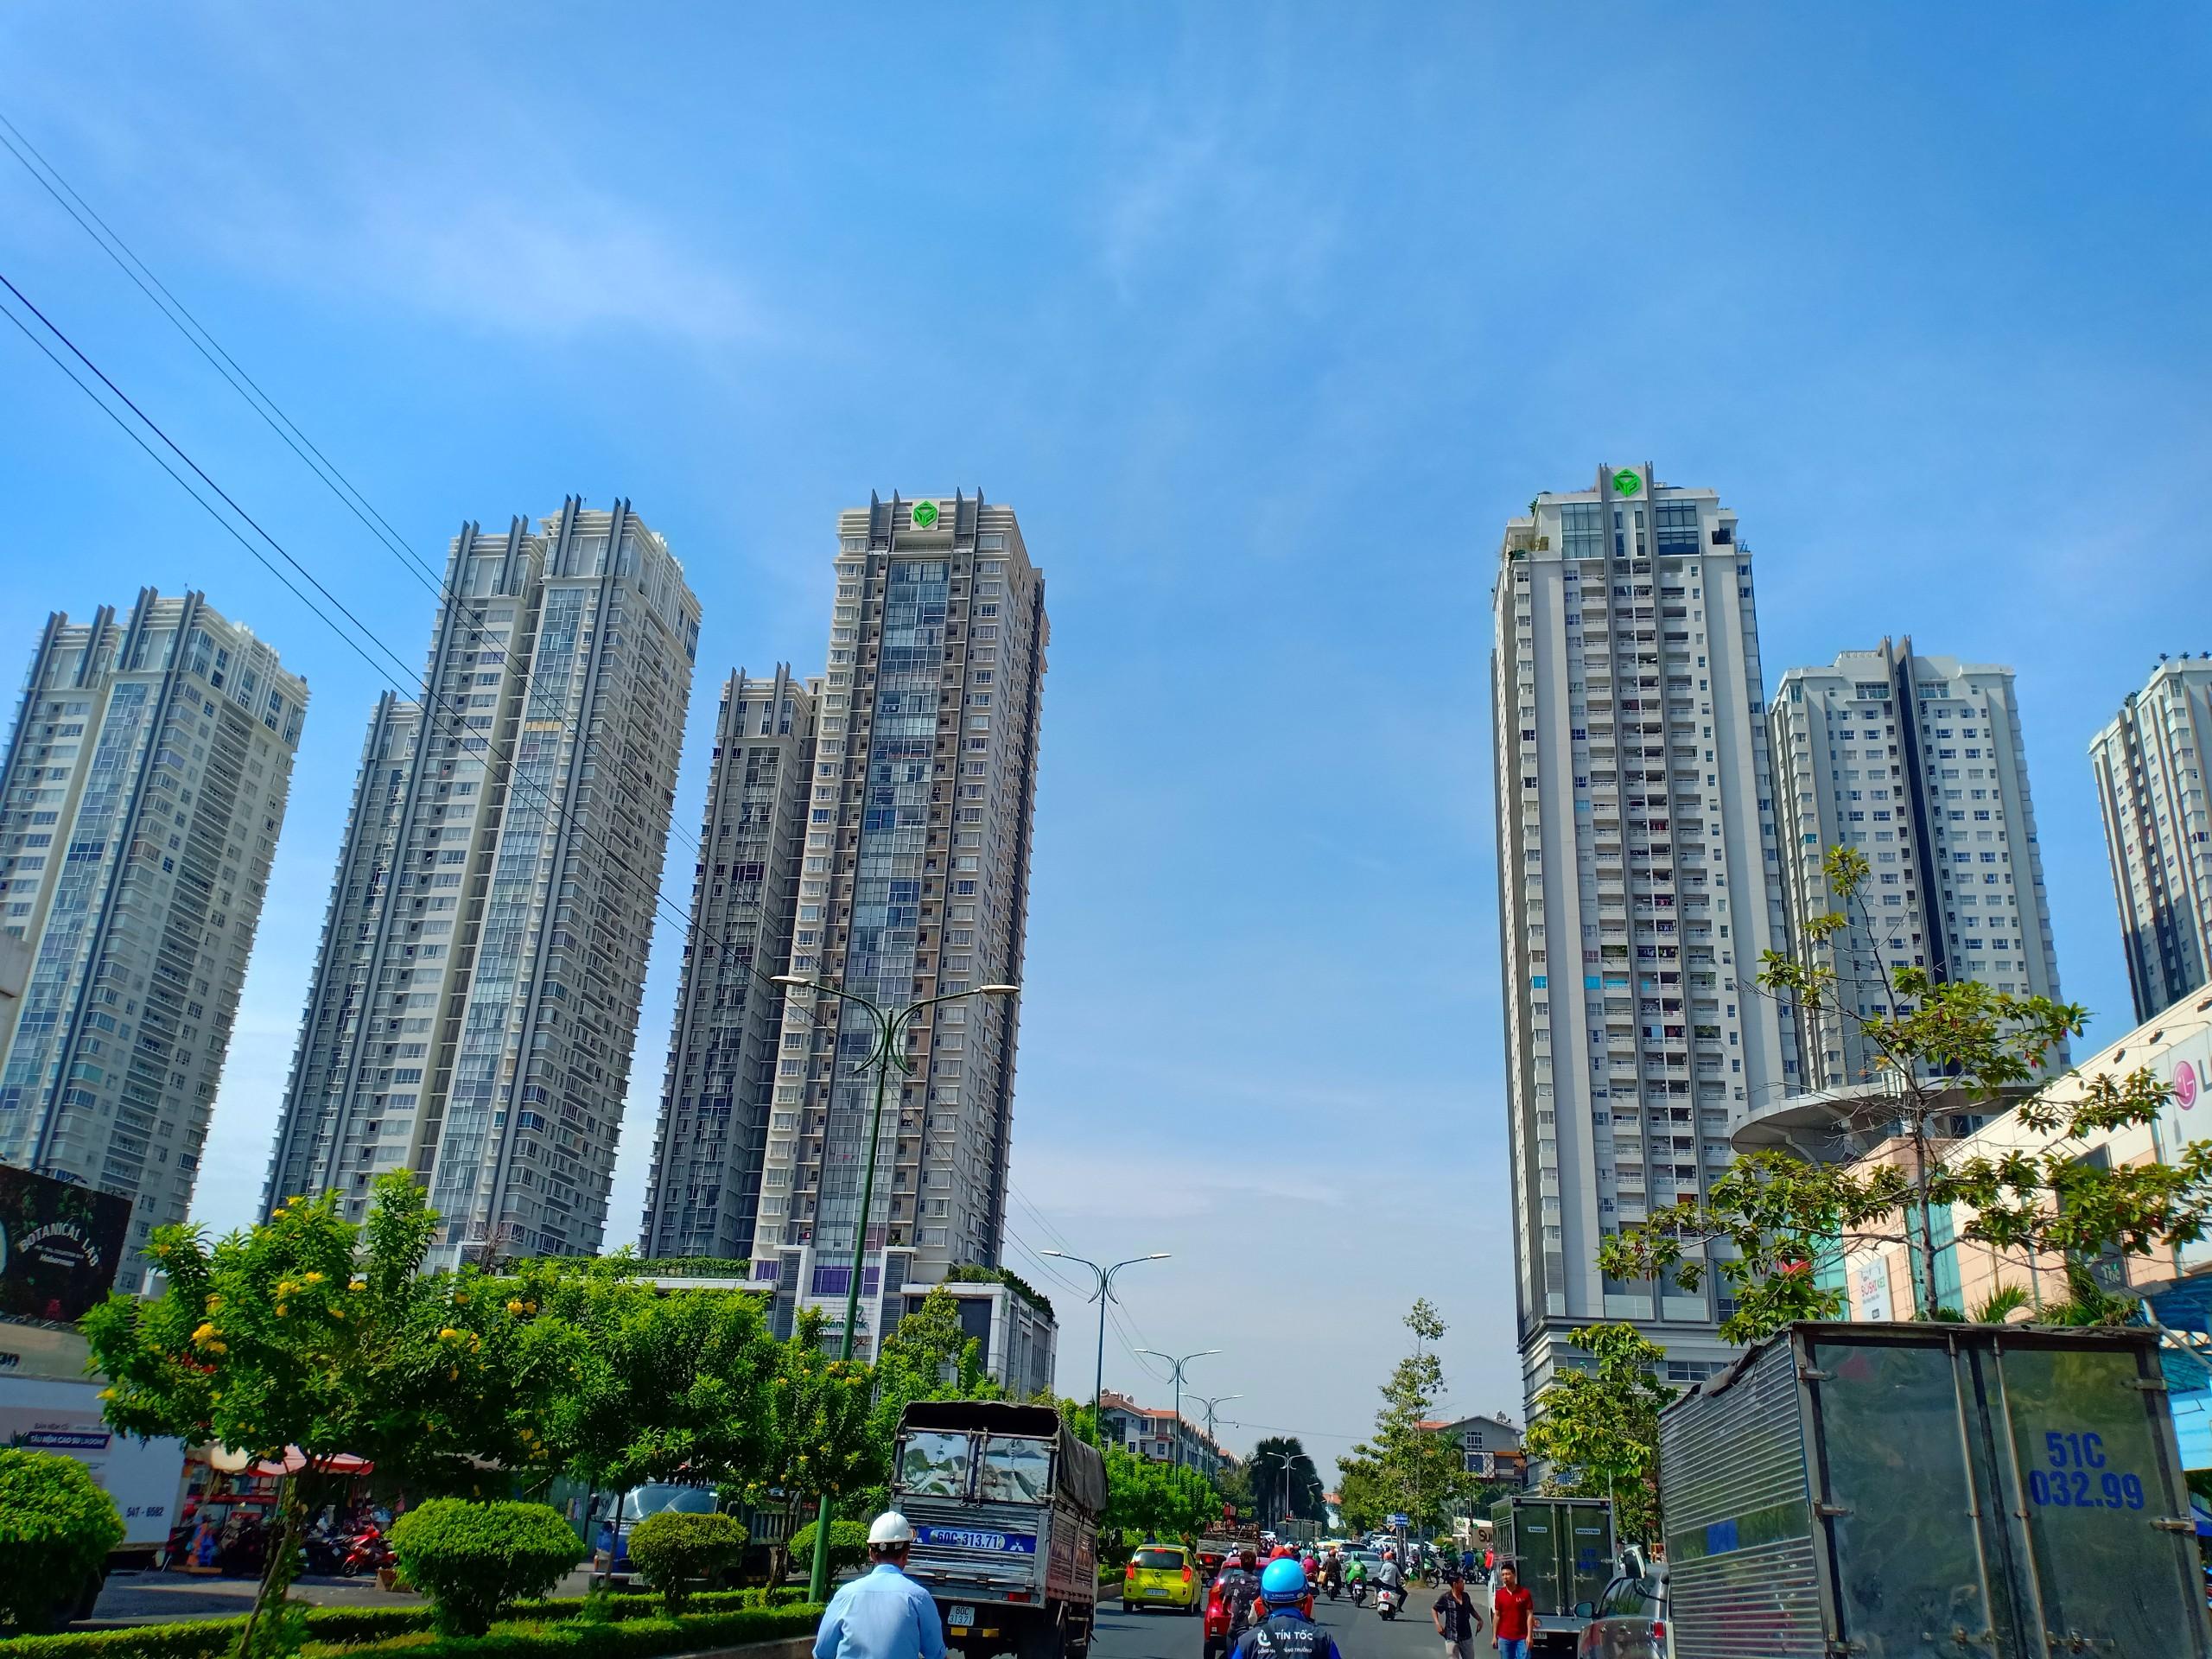 Vì sao người trẻ ngày càng chuộng mua chung cư? - Ảnh 1.